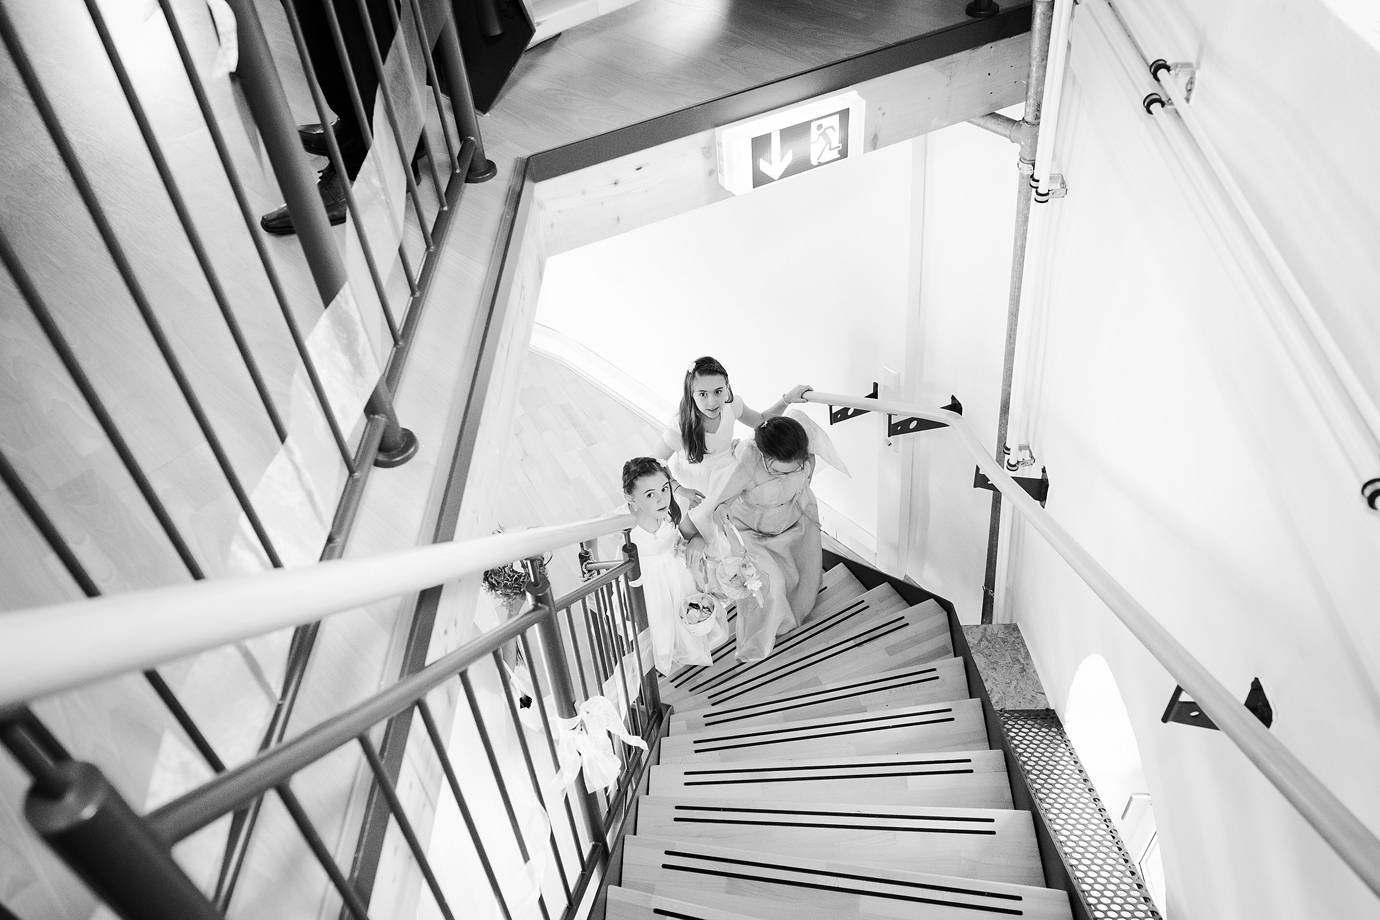 hochzeitsfotograf ritterhude 030 - Susann+Christian